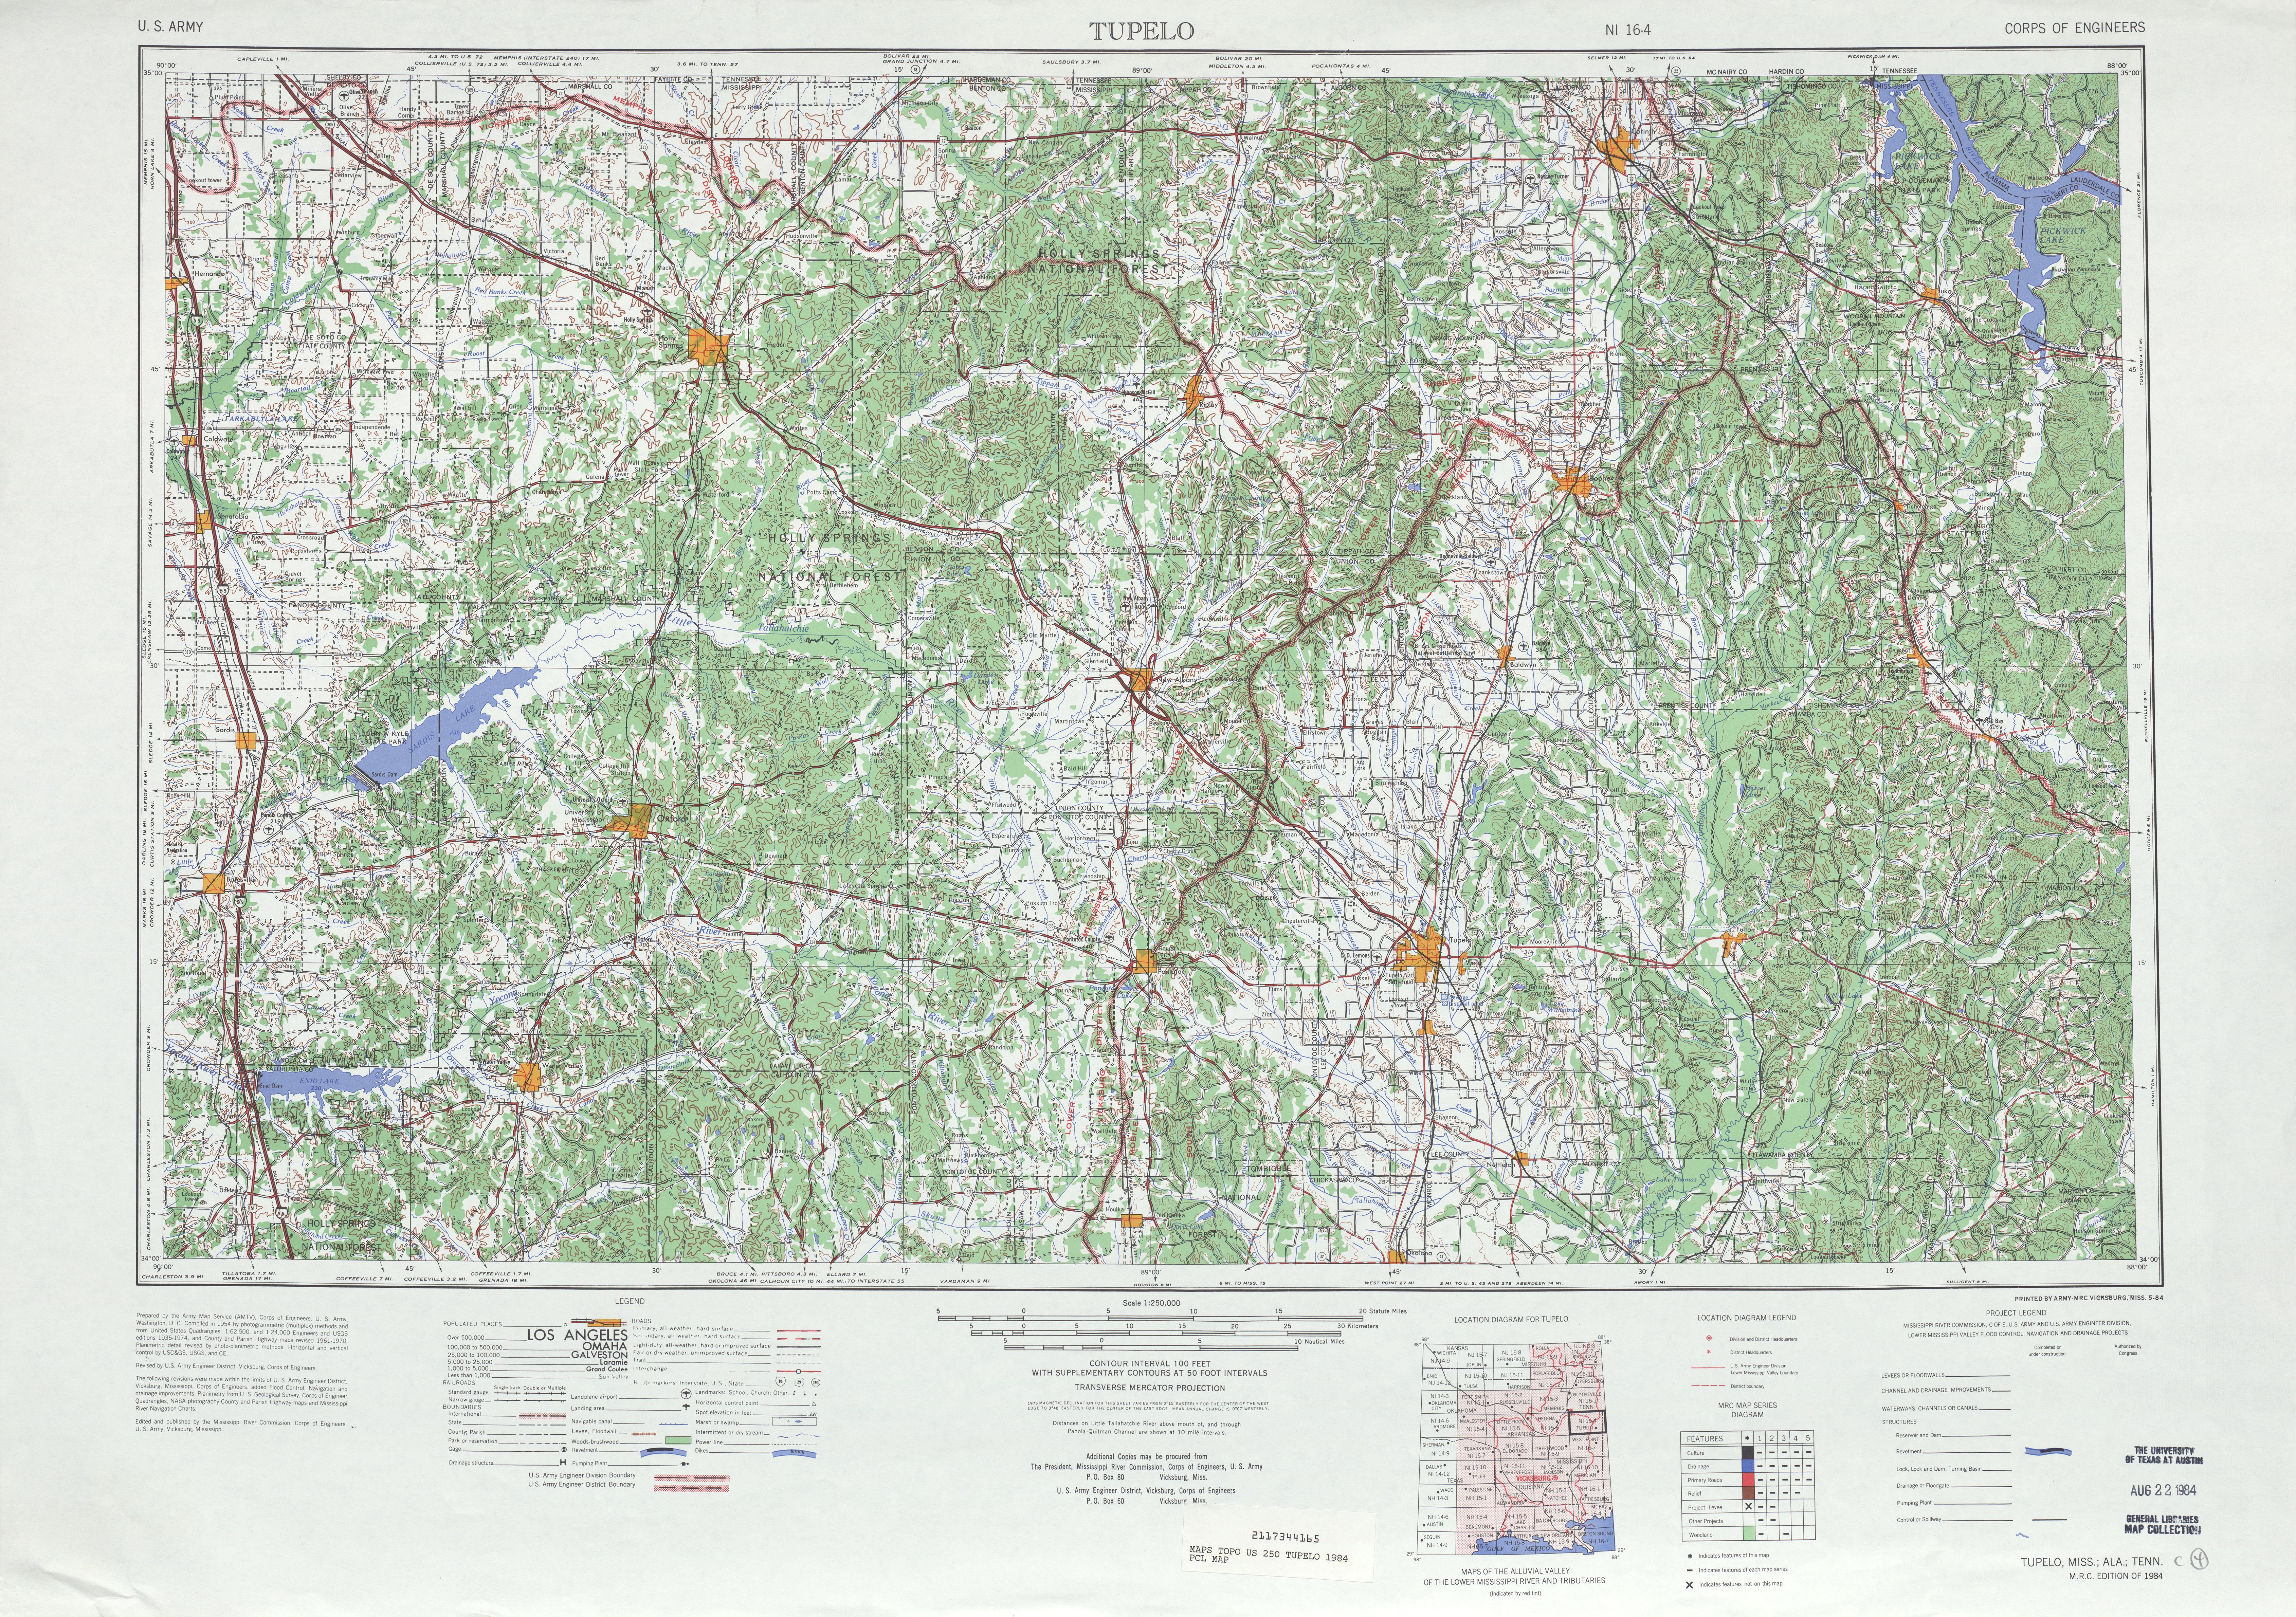 Hoja Tupelo del Mapa Topográfico de los Estados Unidos 1984